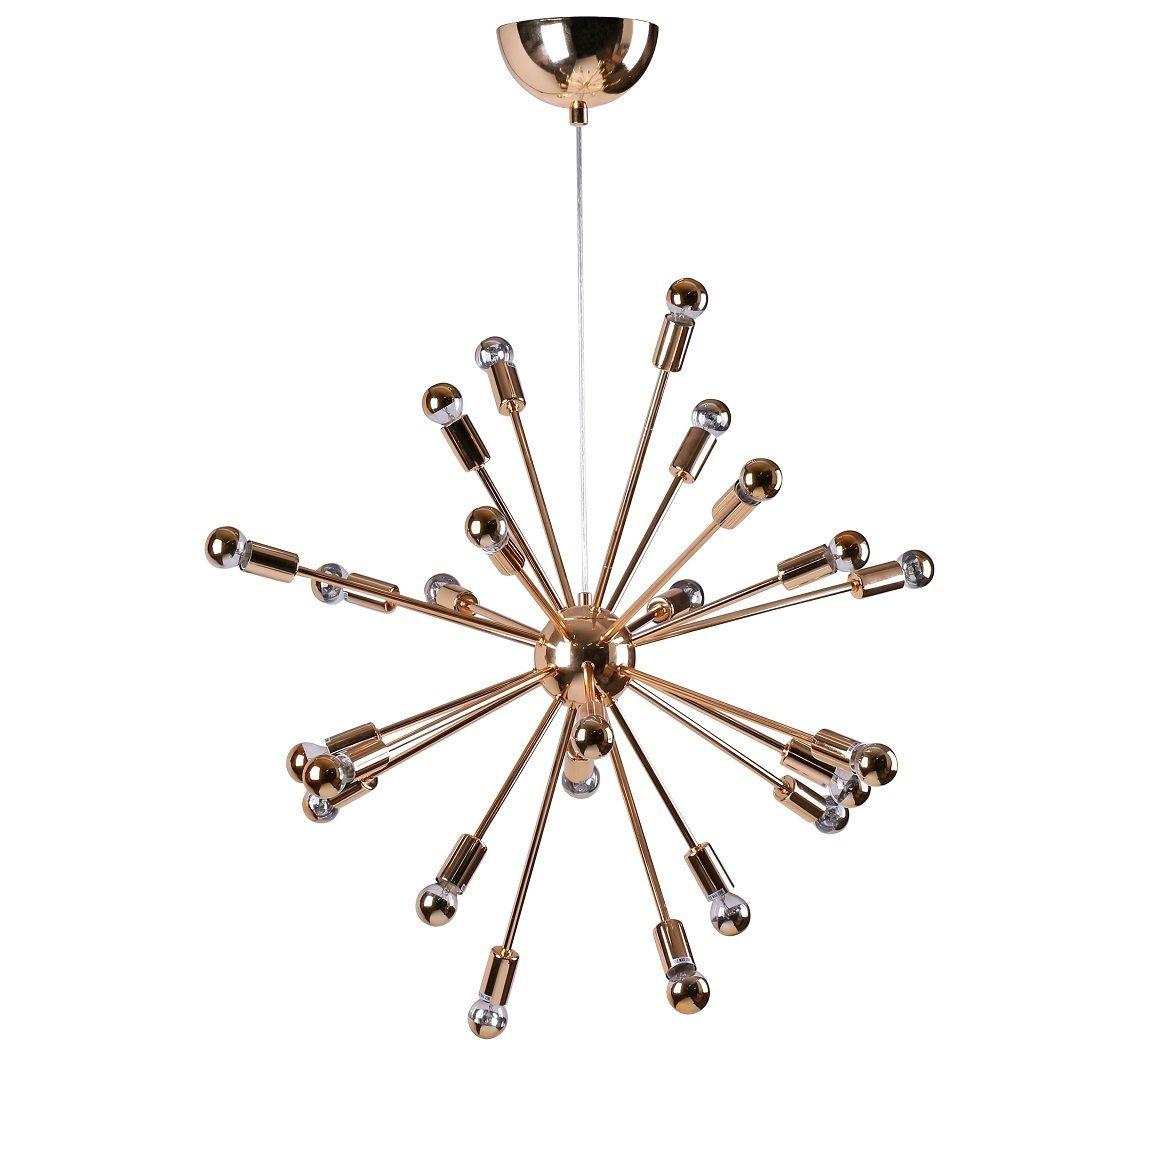 Spark Hanging Chandelier 23 Inches Gold (spark Hanging Regarding Bacchus 12 Light Sputnik Chandeliers (View 18 of 30)